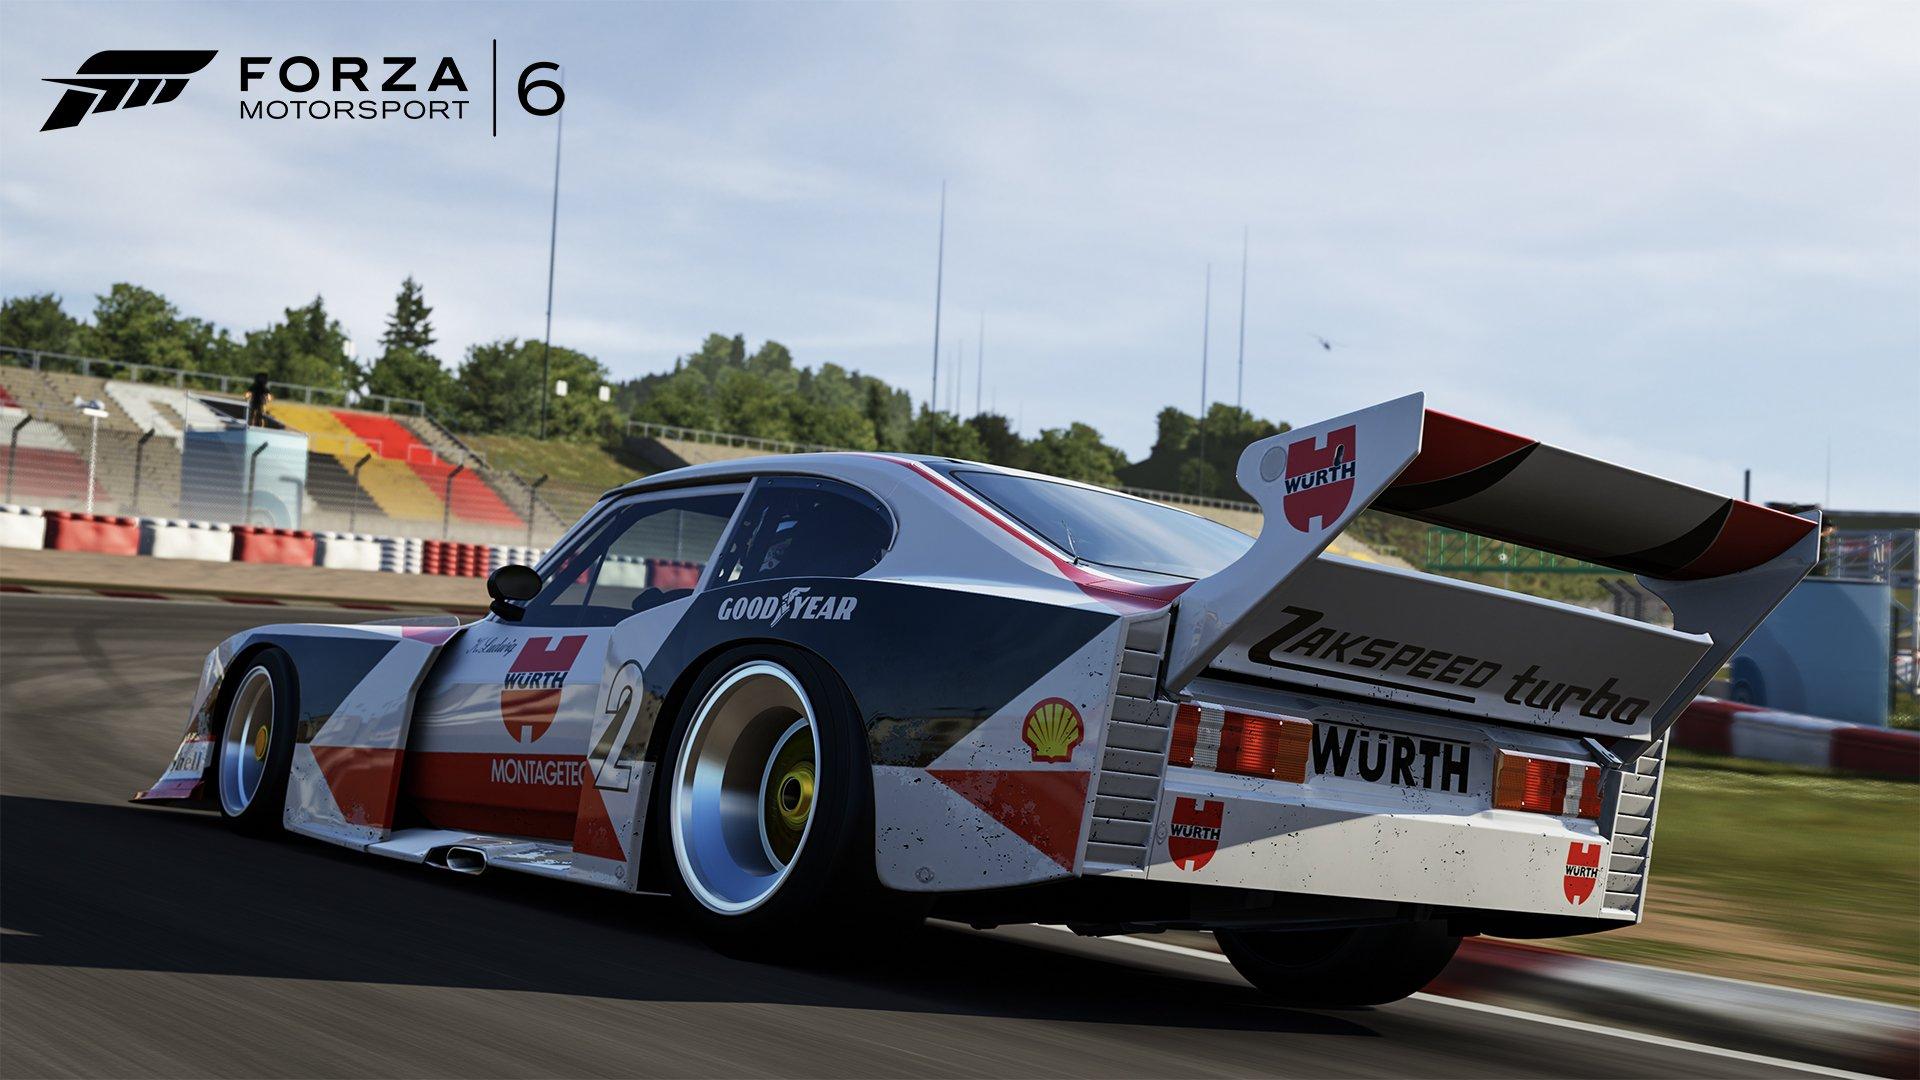 Forza-6-Ford-Capri-Zakspeed